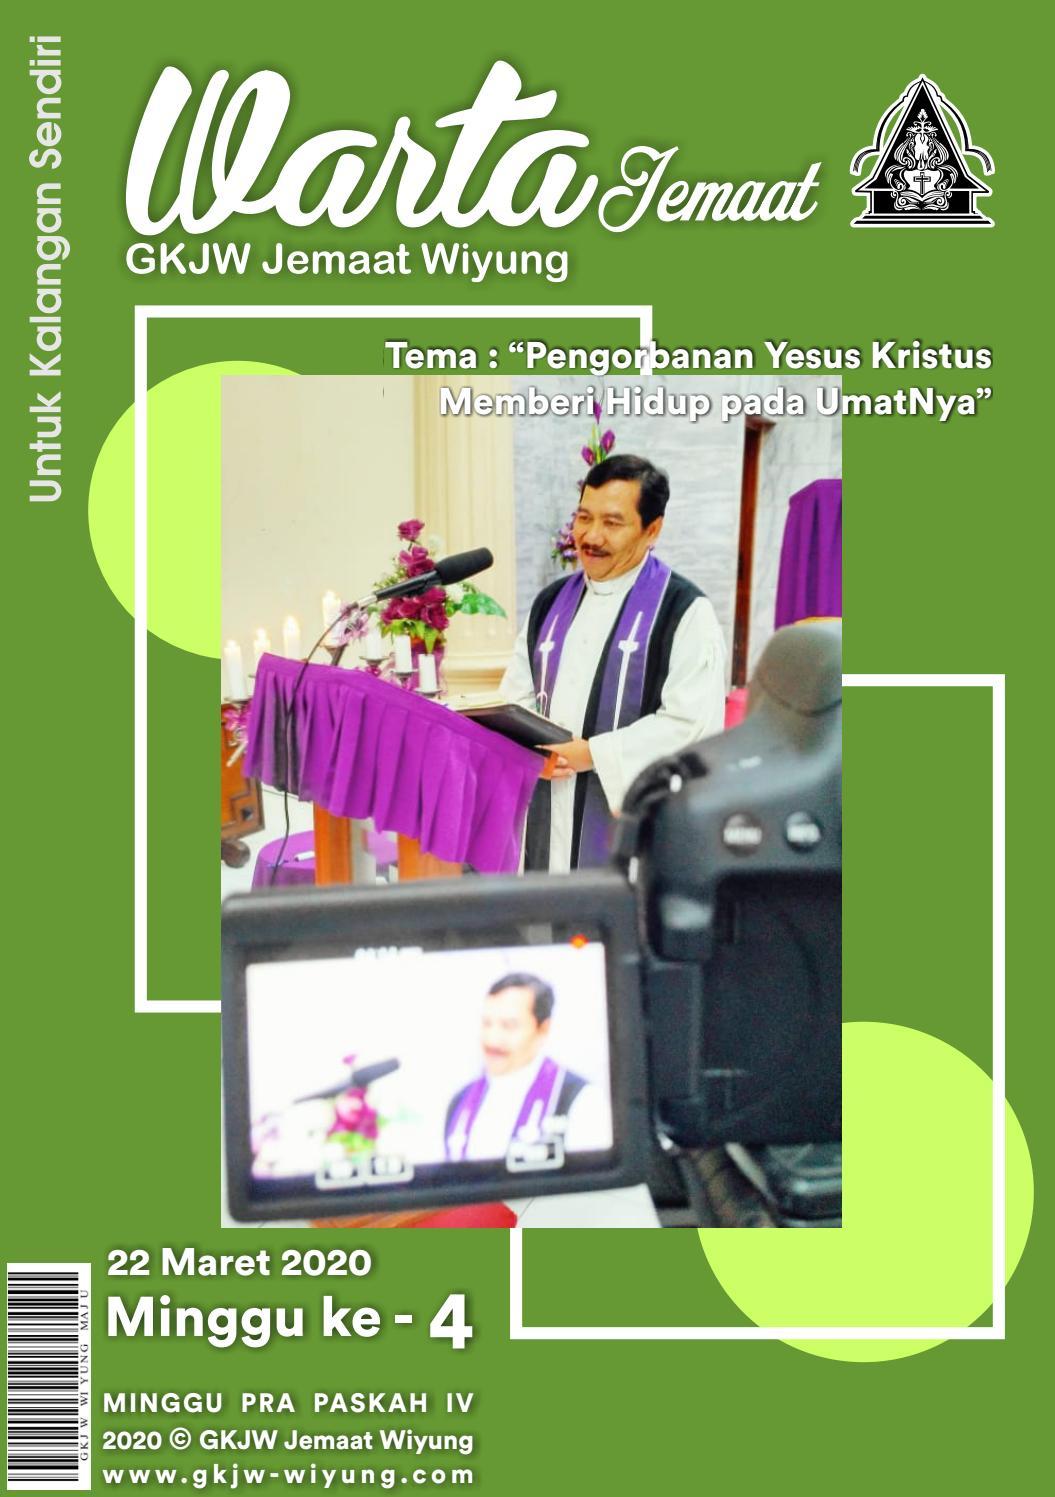 Warta Jemaat Gkjw Wiyung 22 Maret 2020 By Gkjw Wiyung Issuu